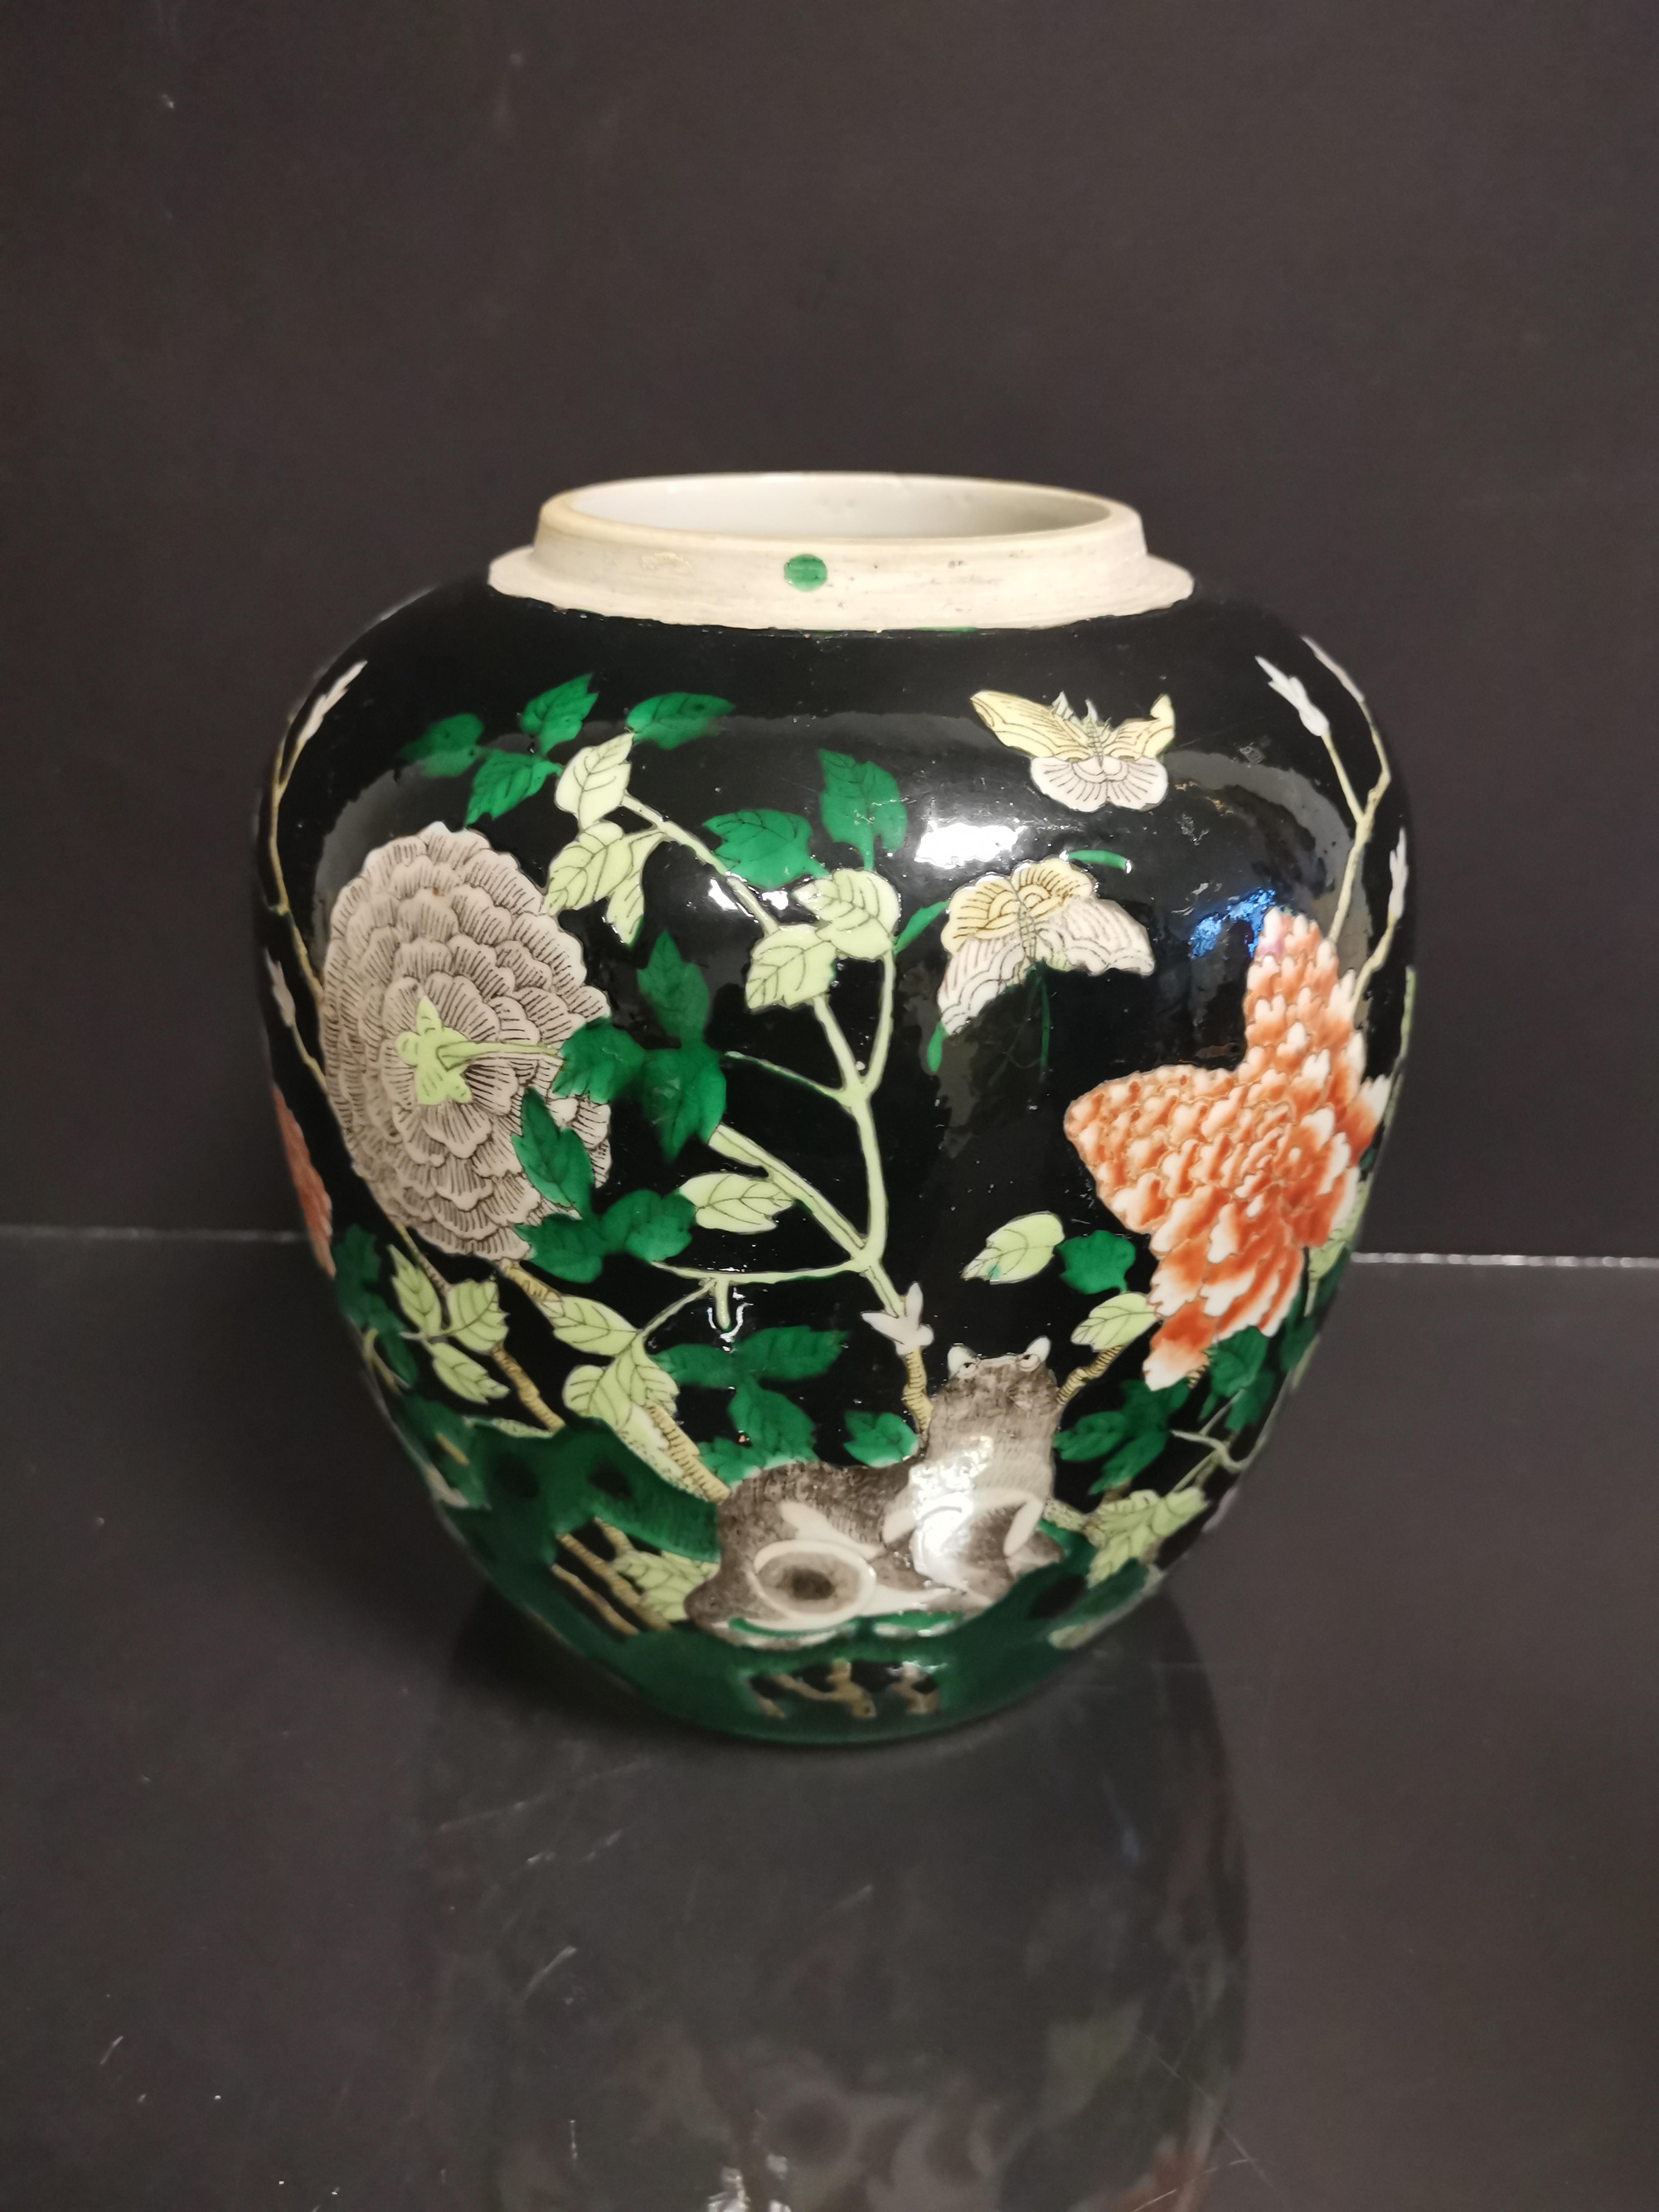 CHINE. Pot en porcelaine à décor de pivoines, animaux, papillons sur fond noir, fin [...] - Image 2 of 4